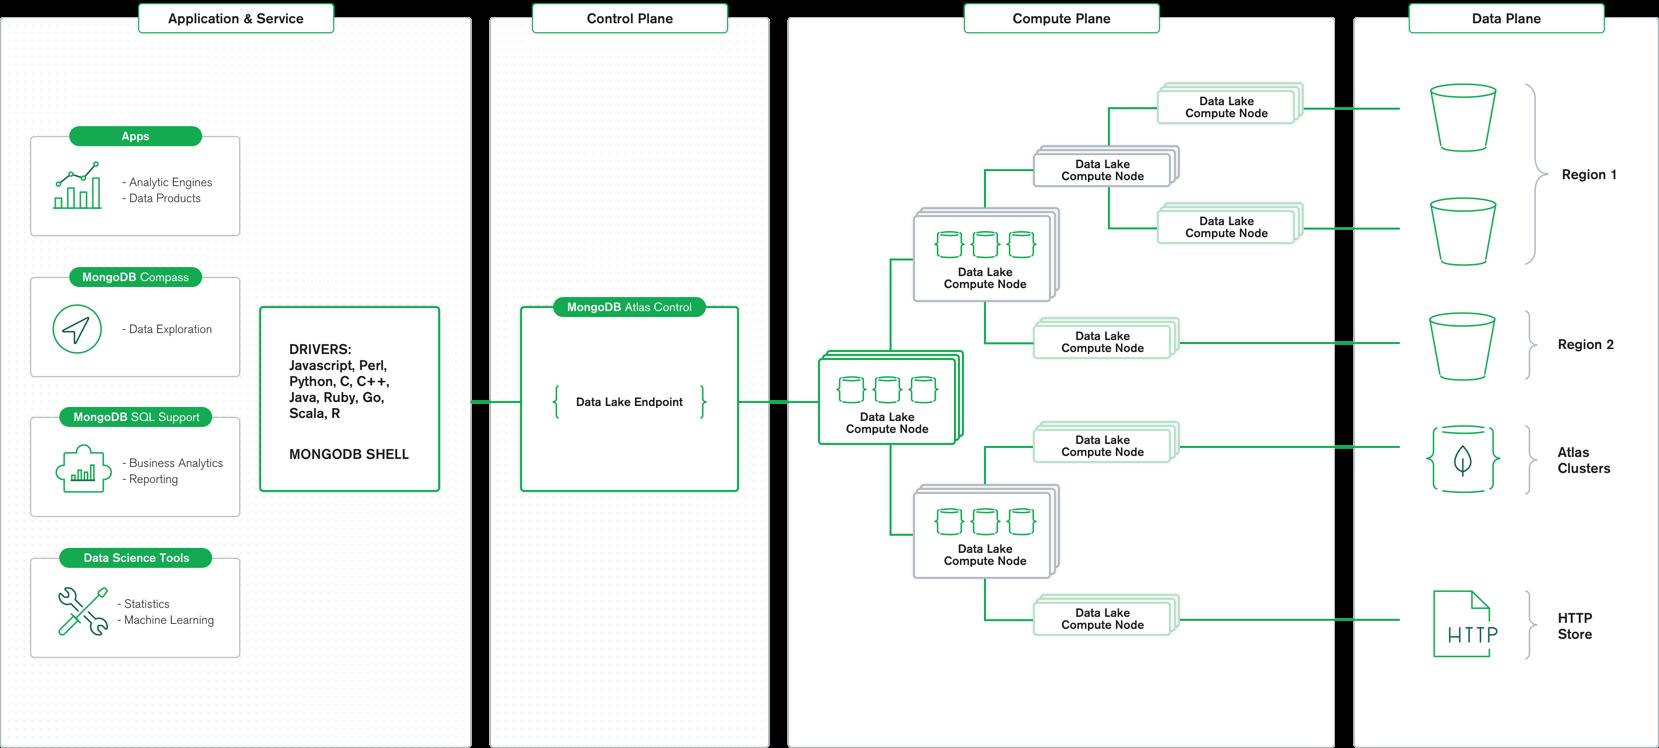 亚博贵宾会贴吧MongoDB的地图集数据湖架构图